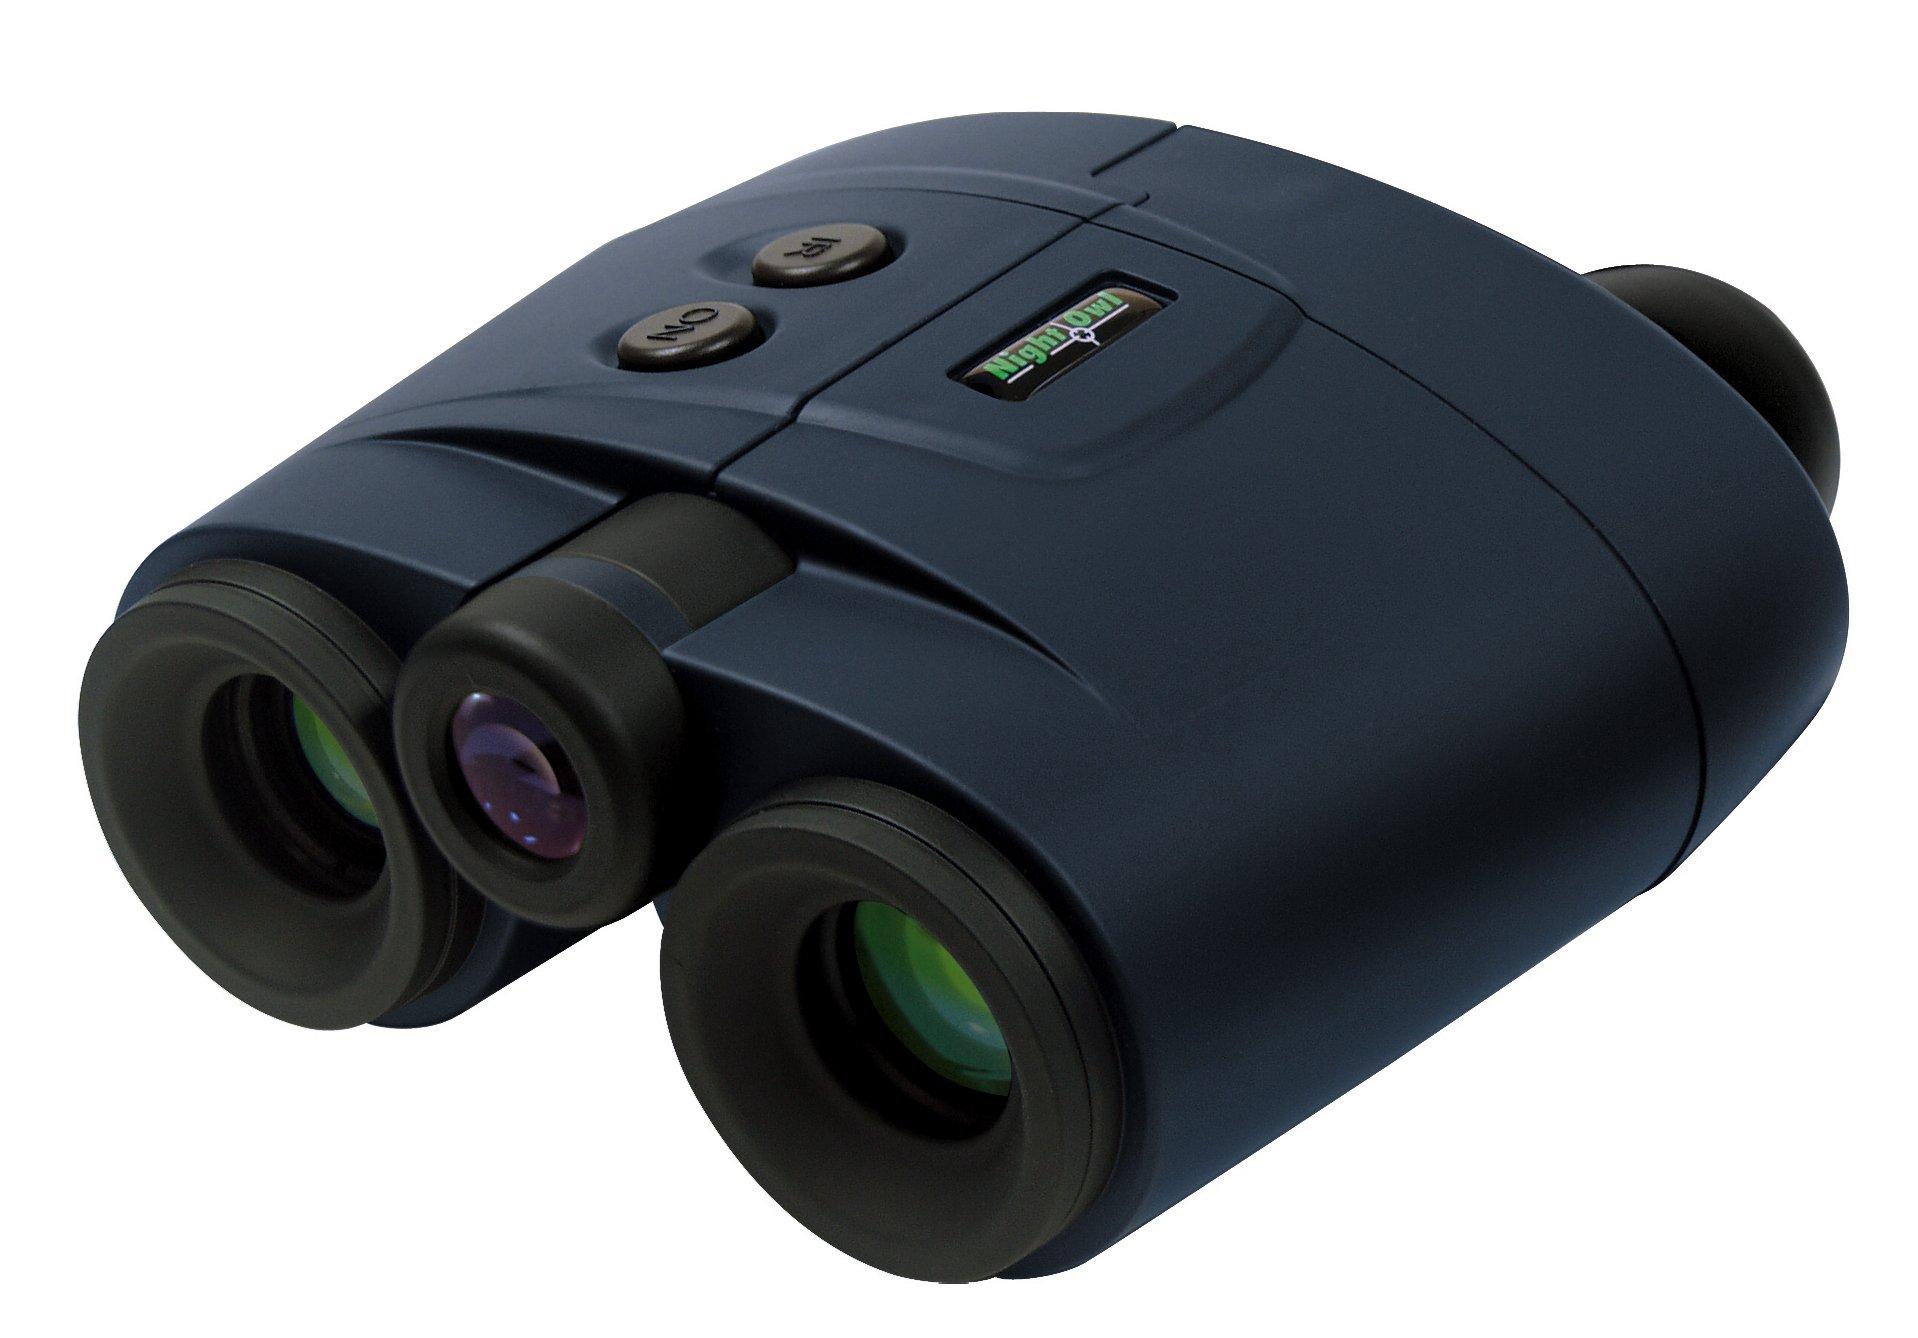 Night Owl Pro Nexgen Fixed Focus Night Vision Binocular (2.5X) by Night Owl